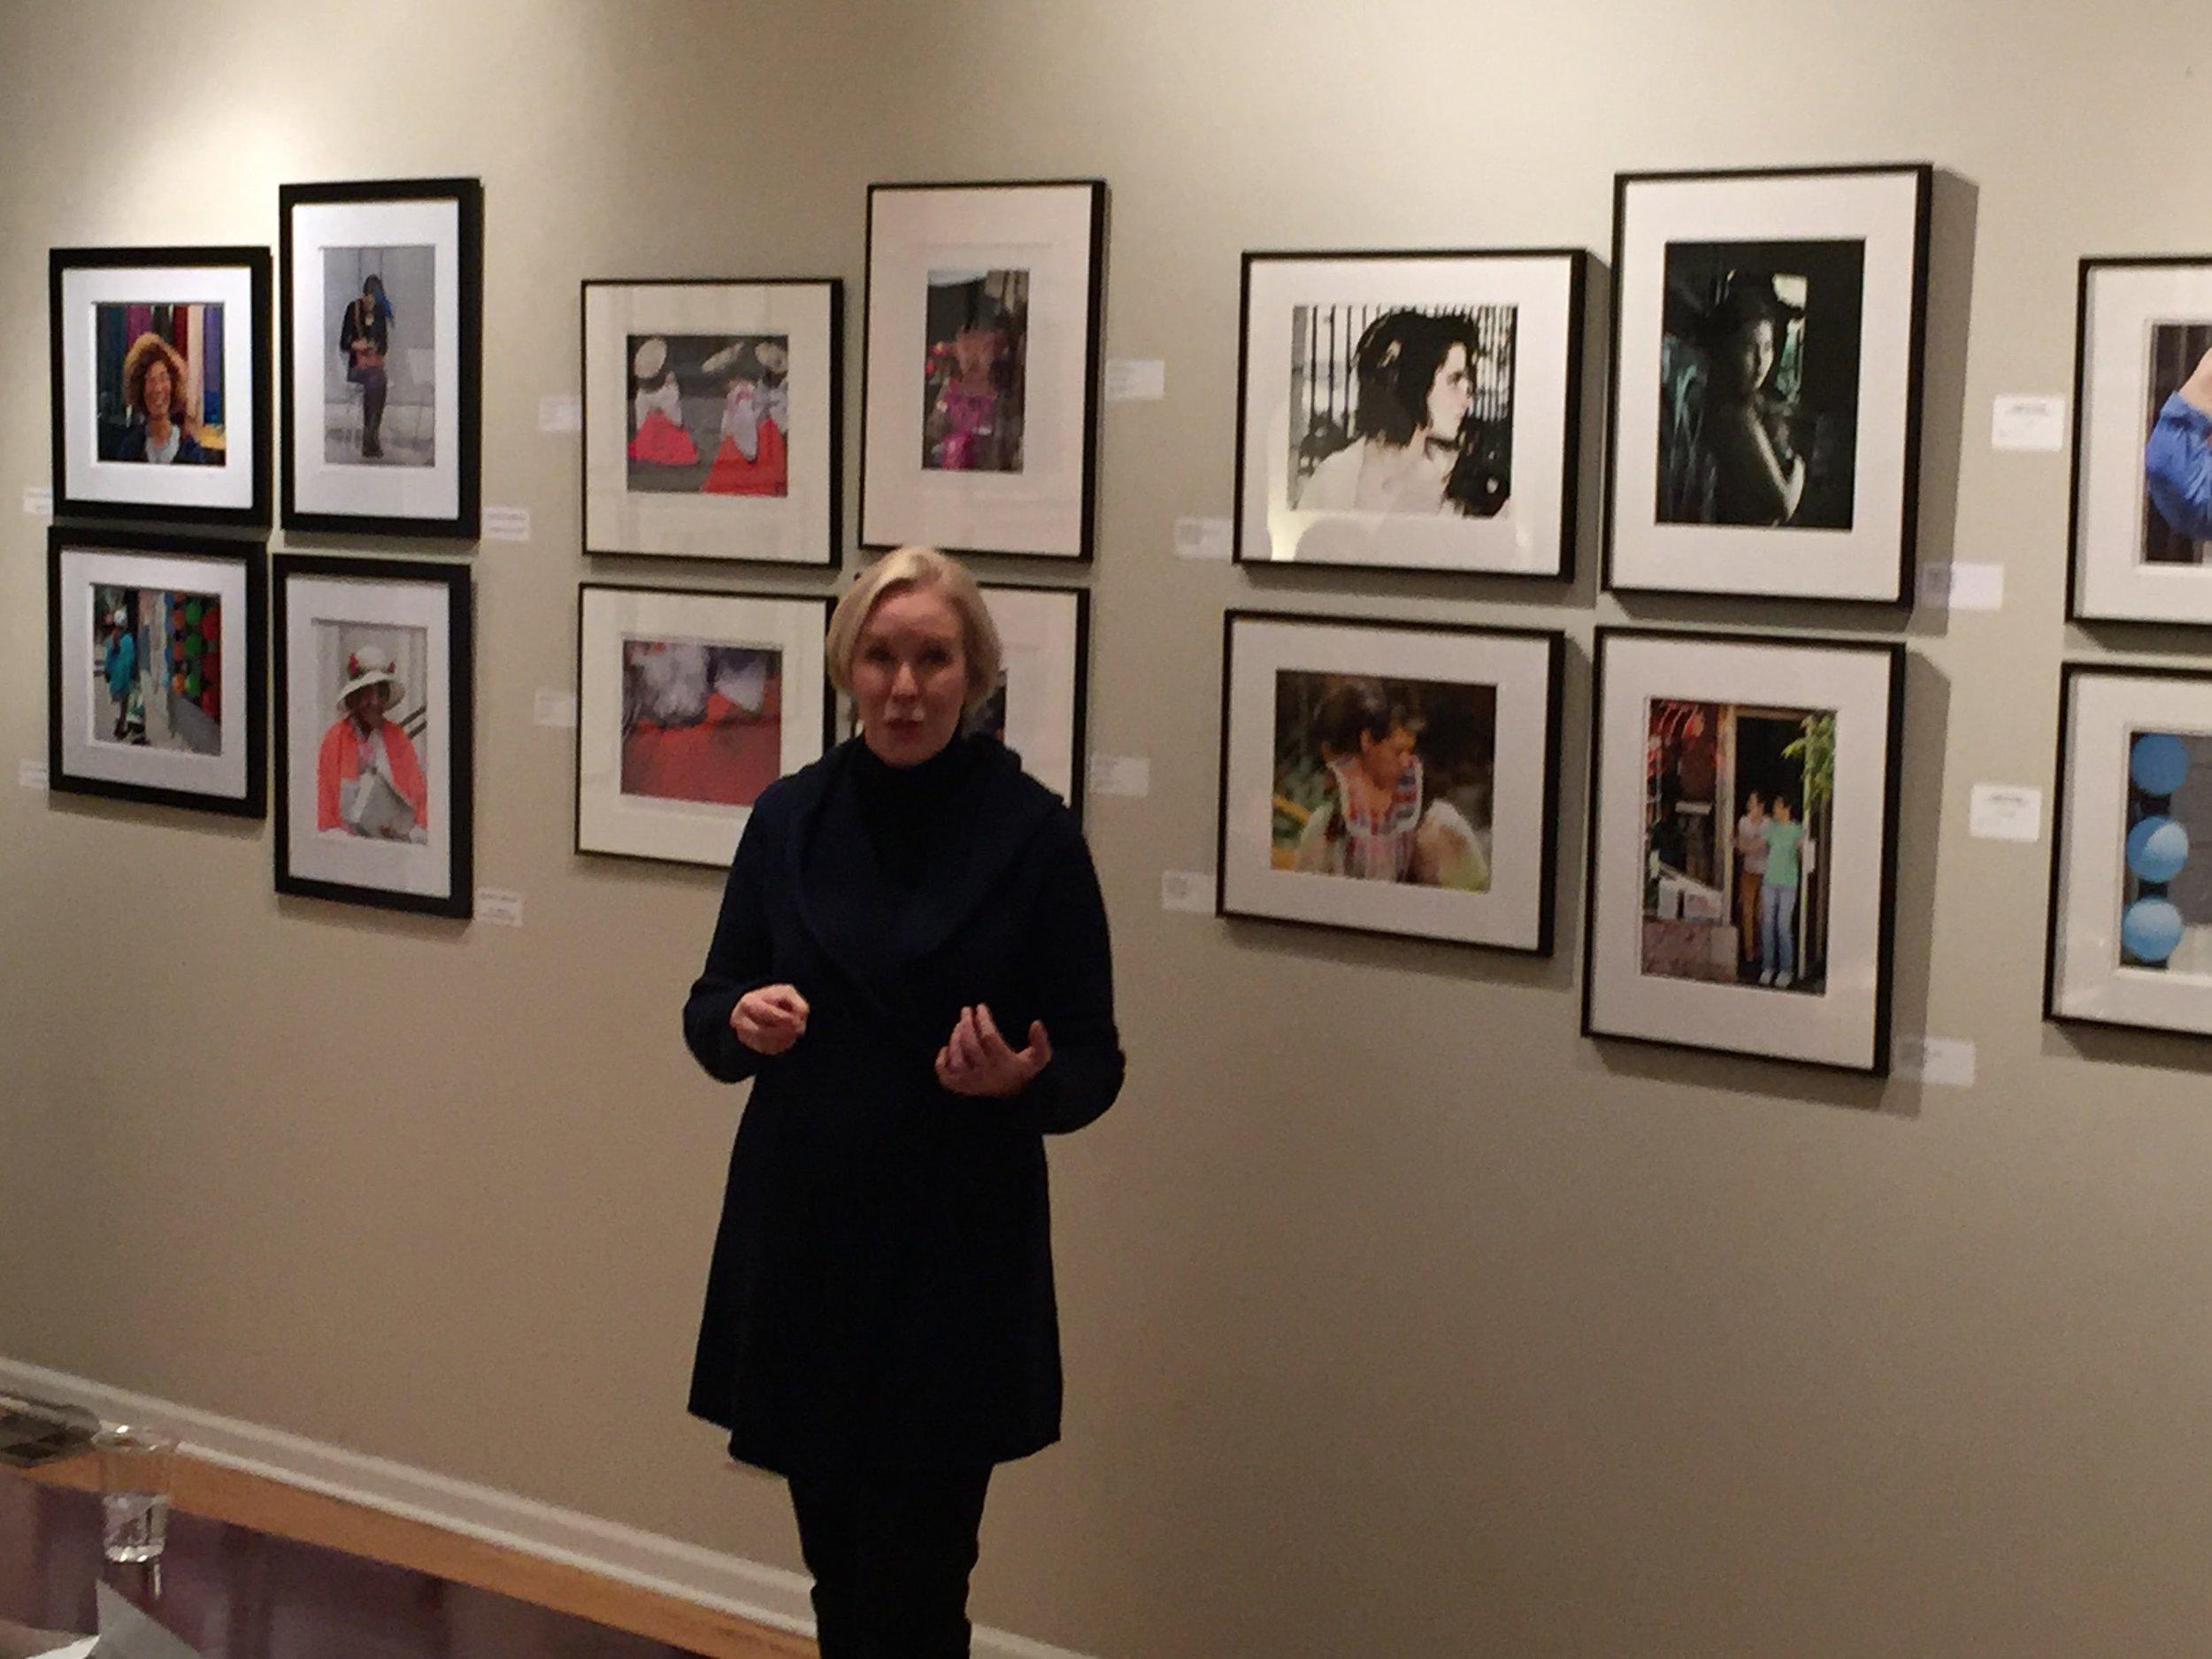 Juror Susan Aurinko speaks about the exhibit